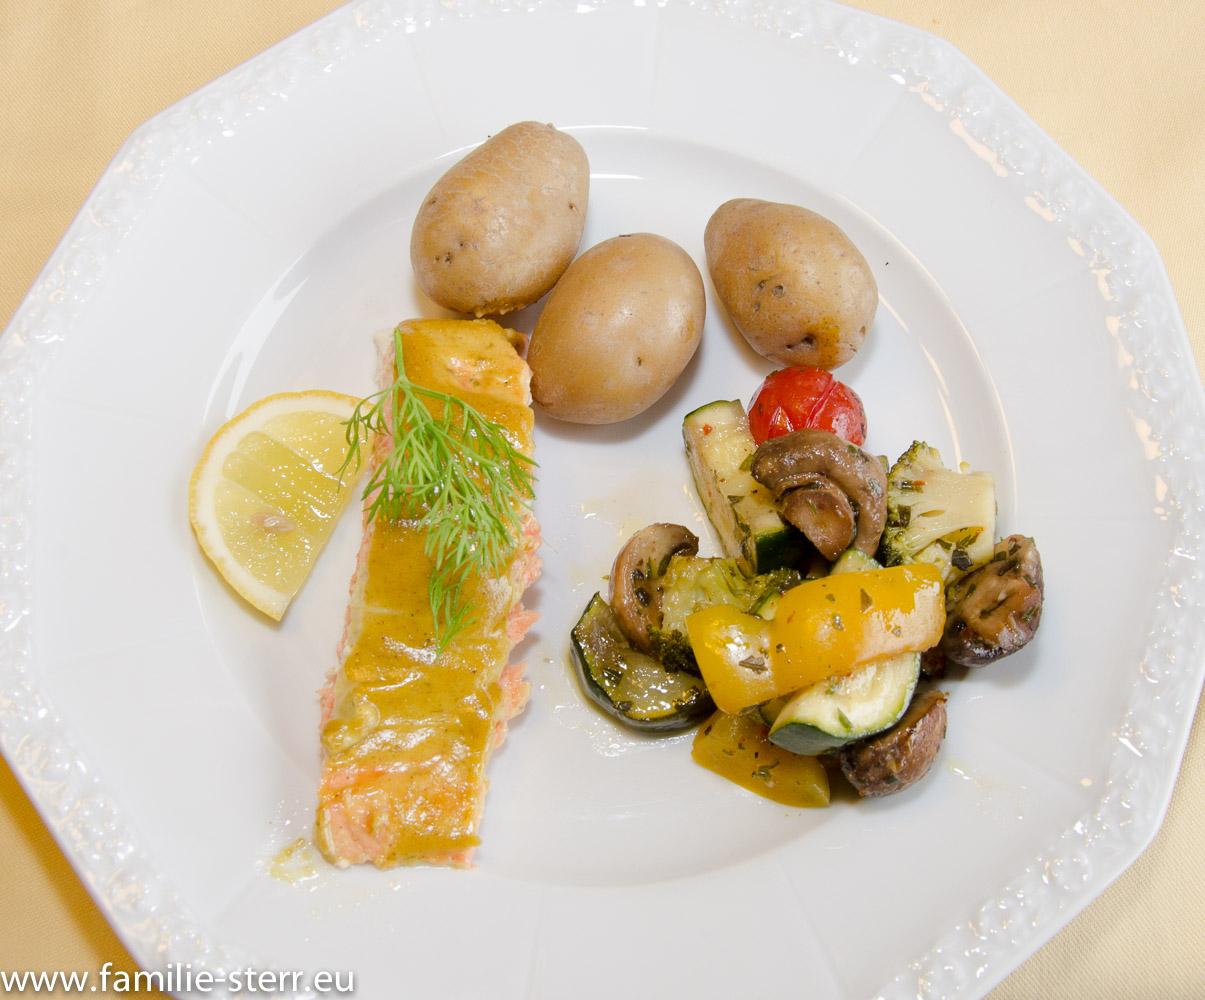 geräucherter Lachs mit Kartoffeln und Sokergemüse